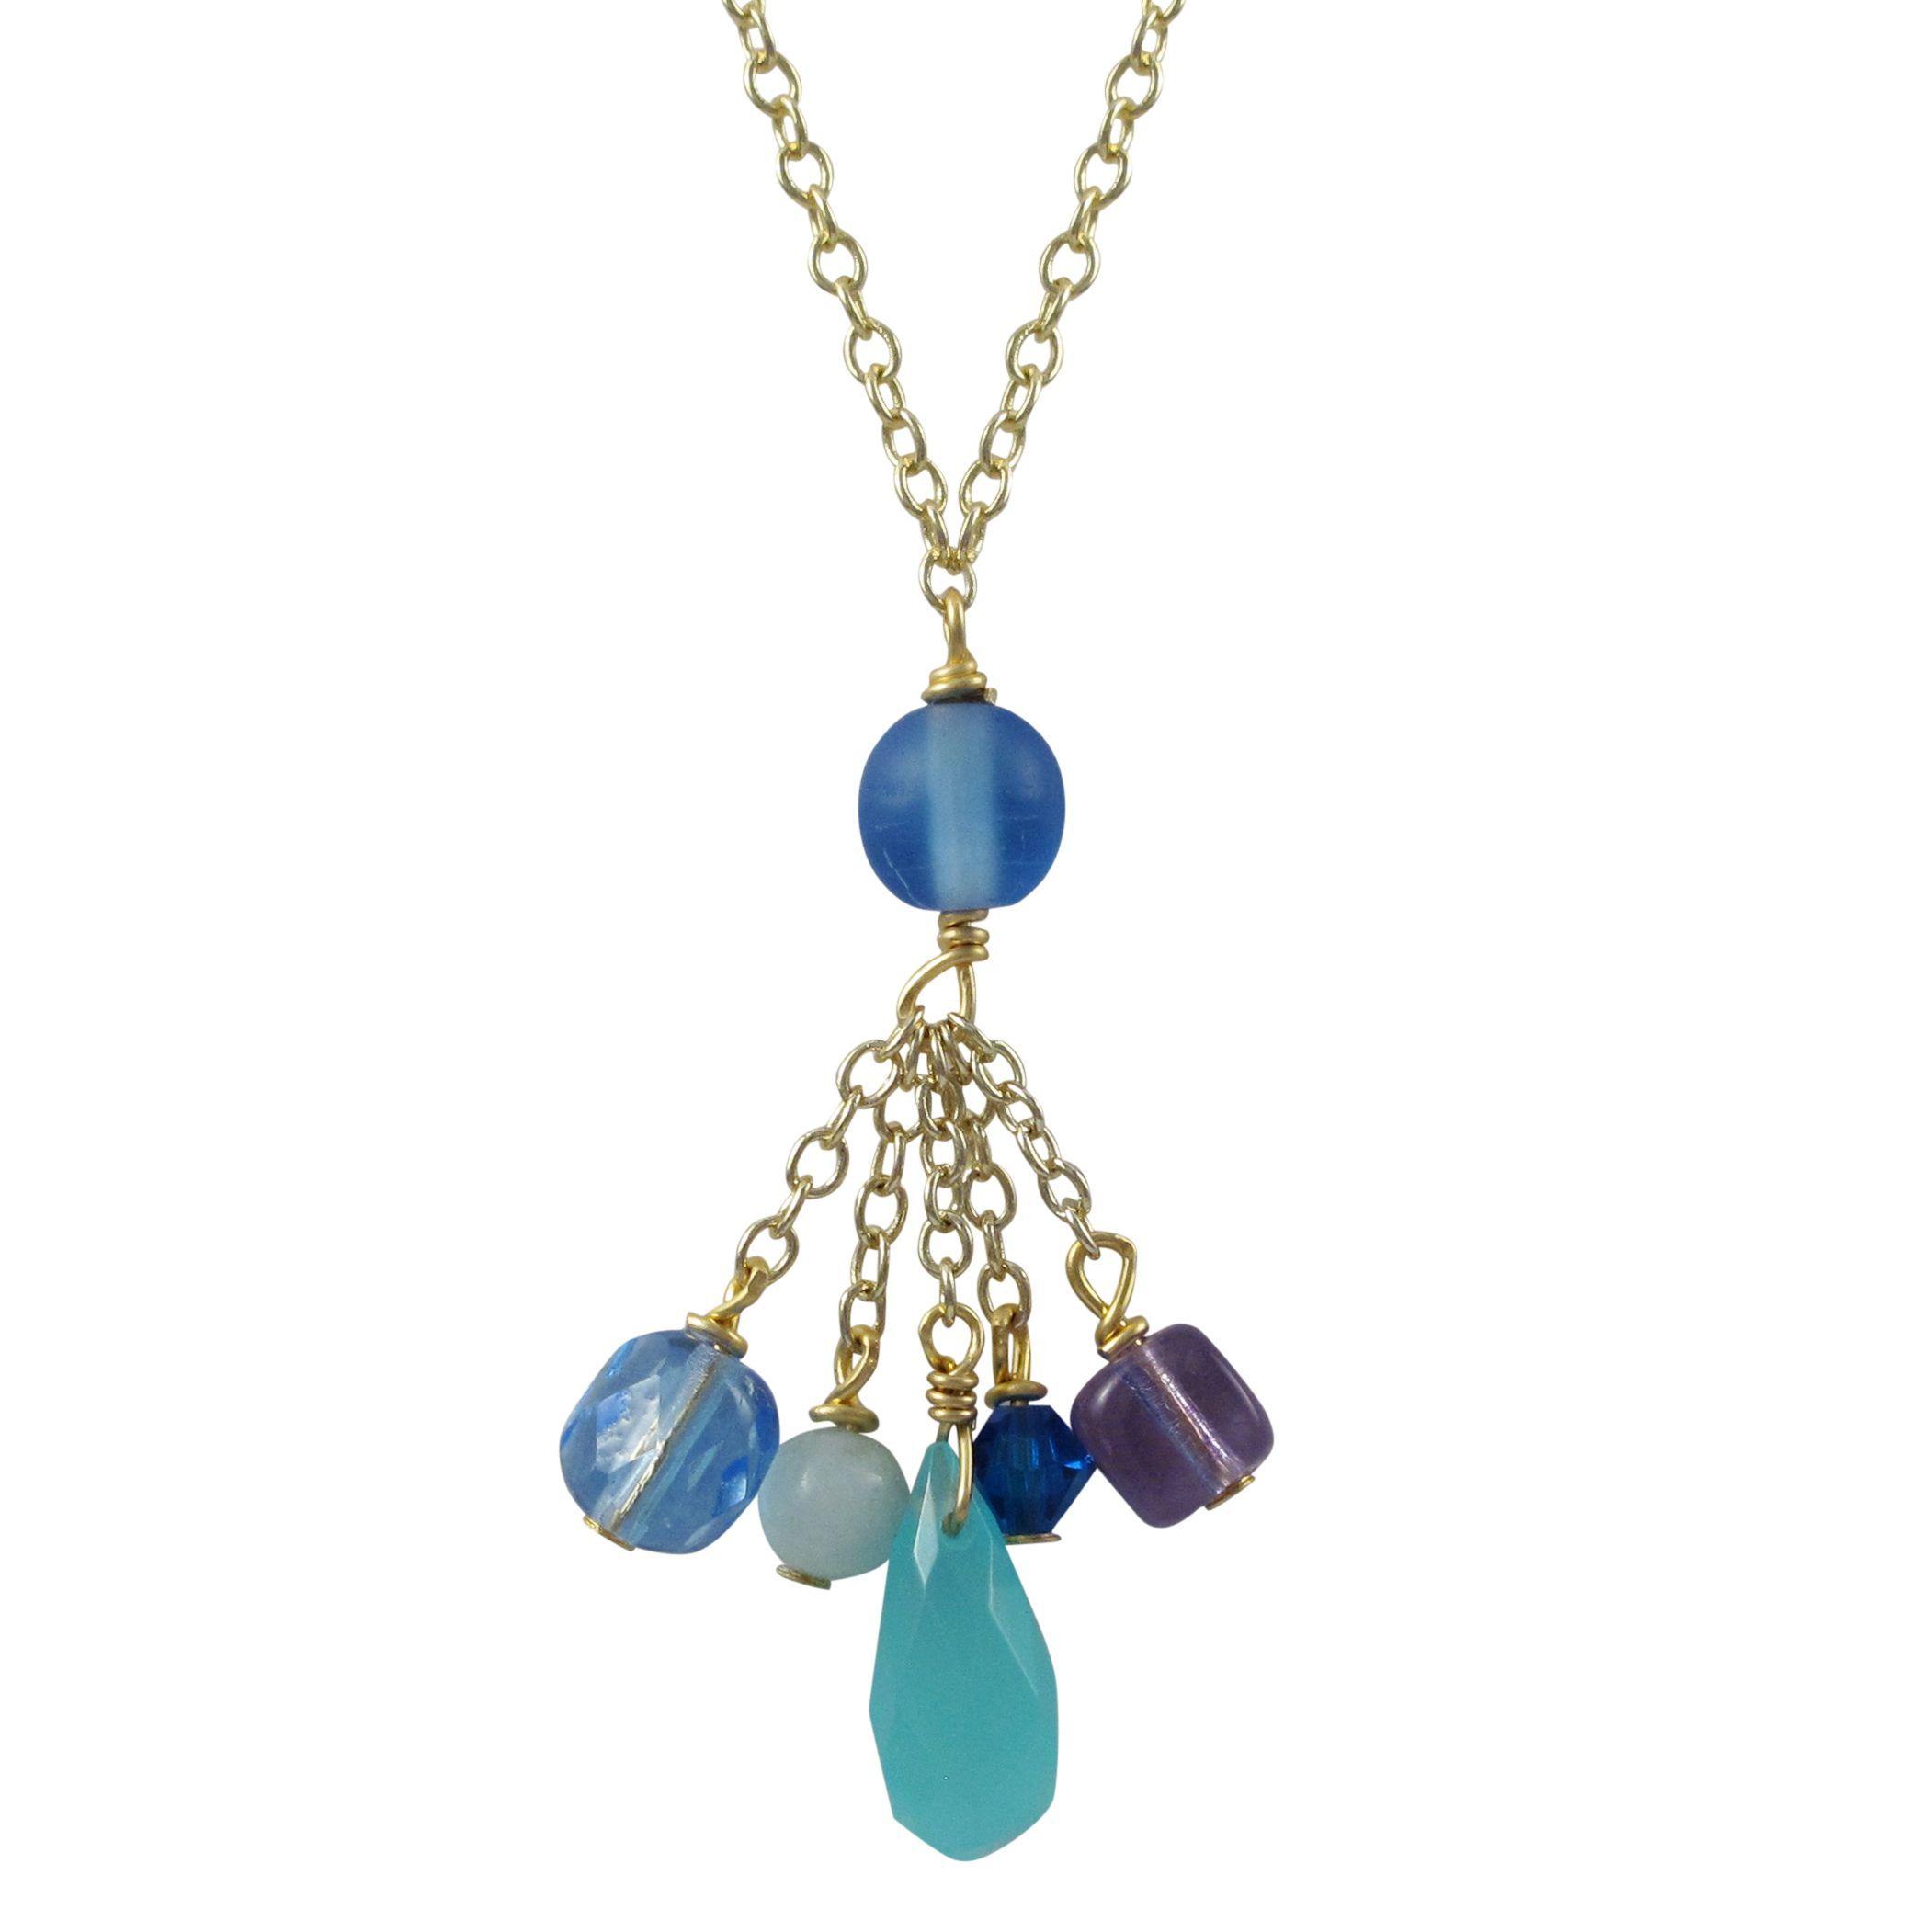 Luxiro Gold Finish Semi-precious Gemstone and Preciosa Bead Tassel Necklace